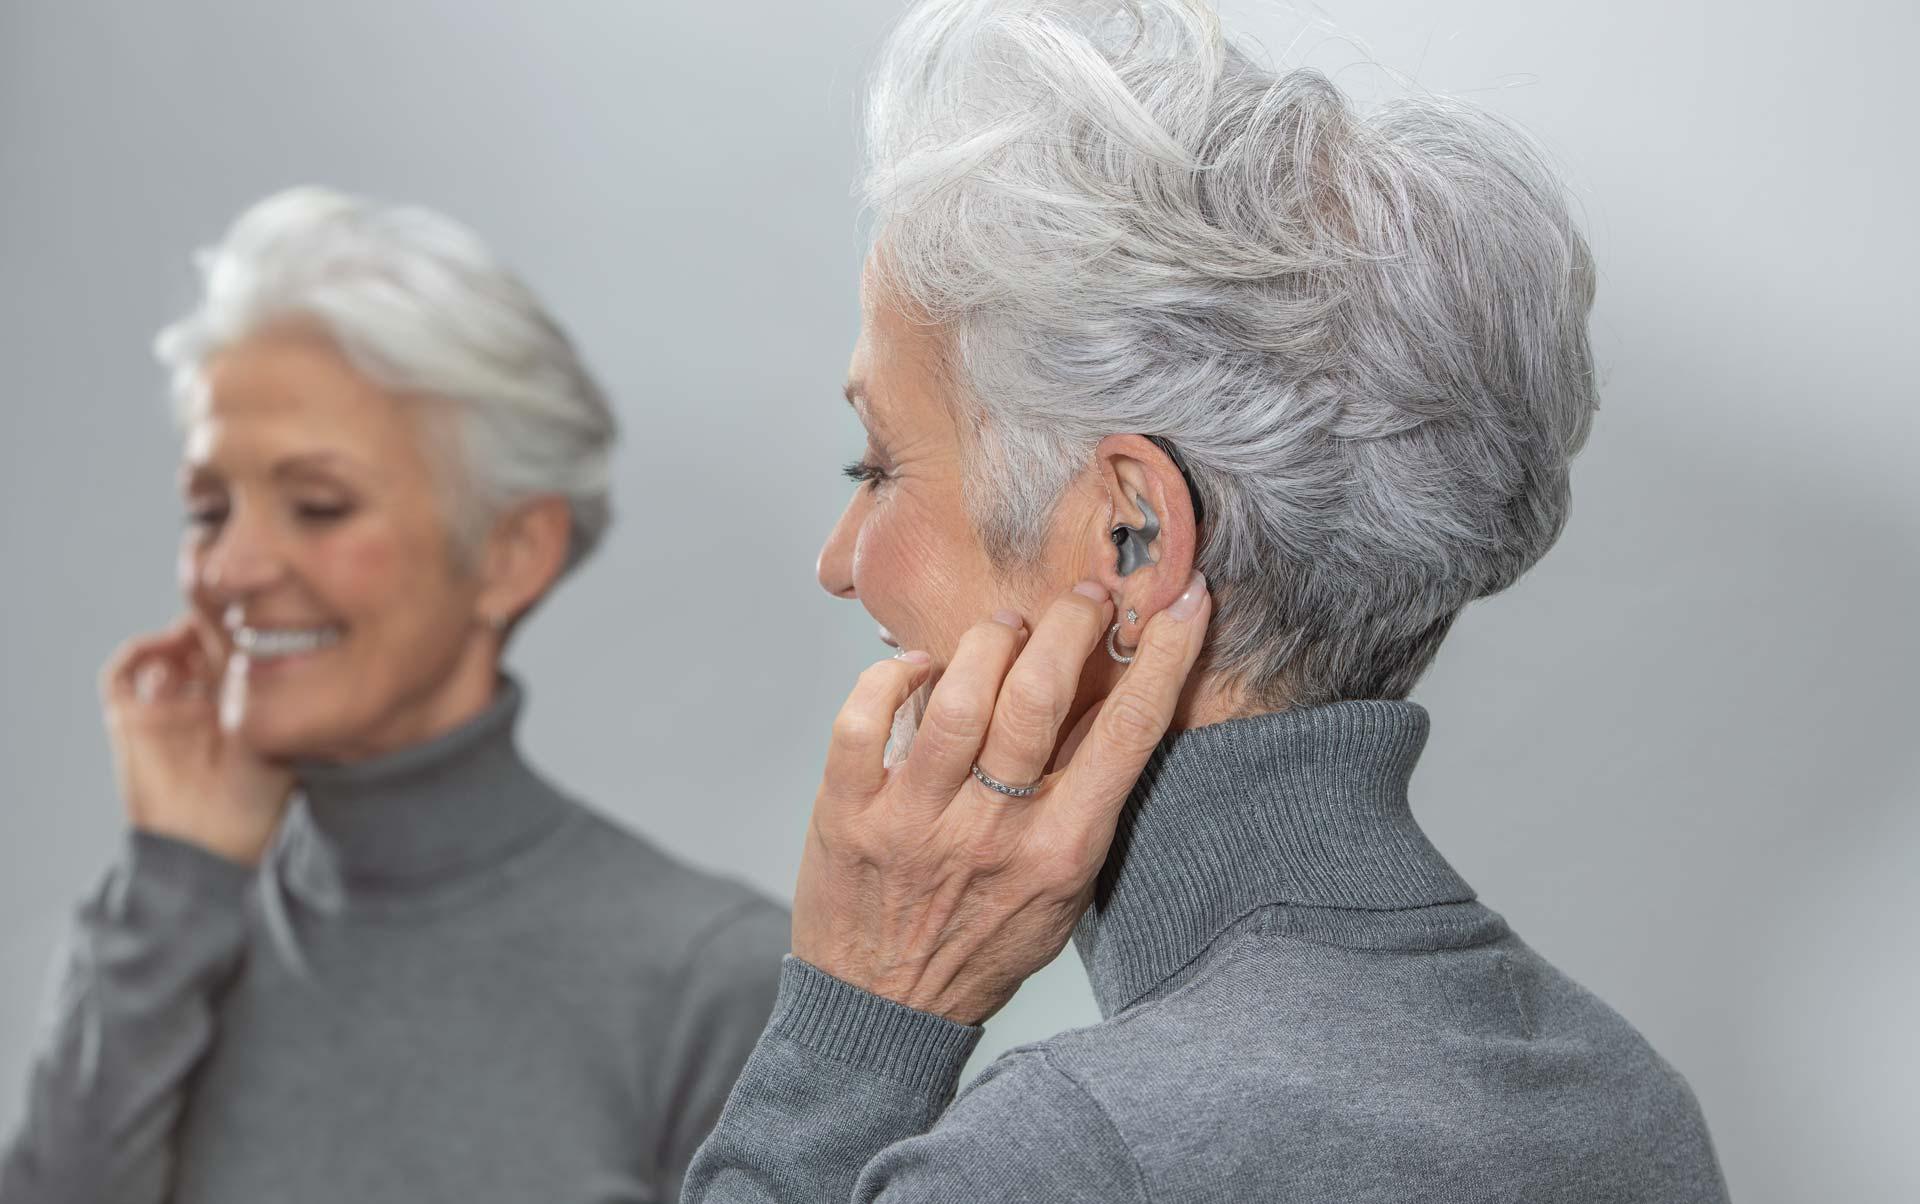 Hörluchs® Titan-Otoplastiken im Ohr